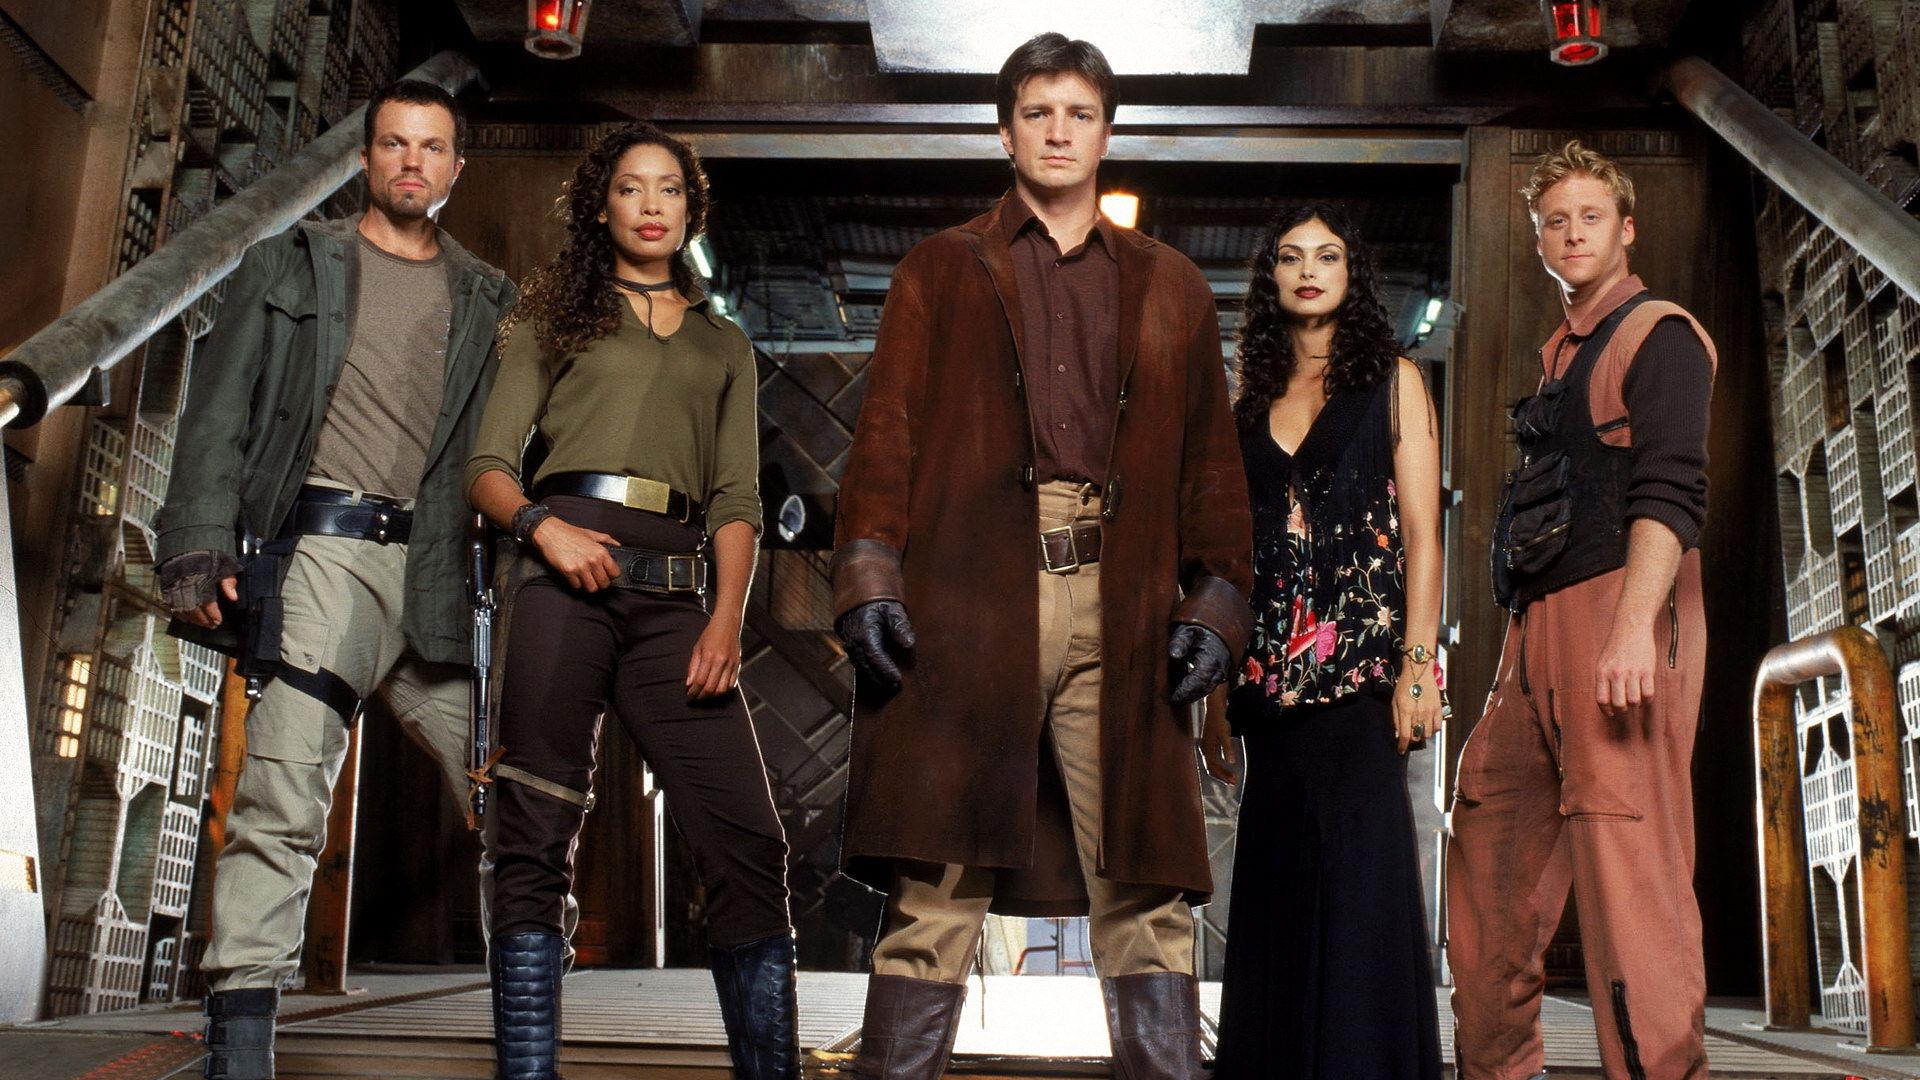 FOX: Jest szansa na reboot Firefly, ale pod jednym warunkiem